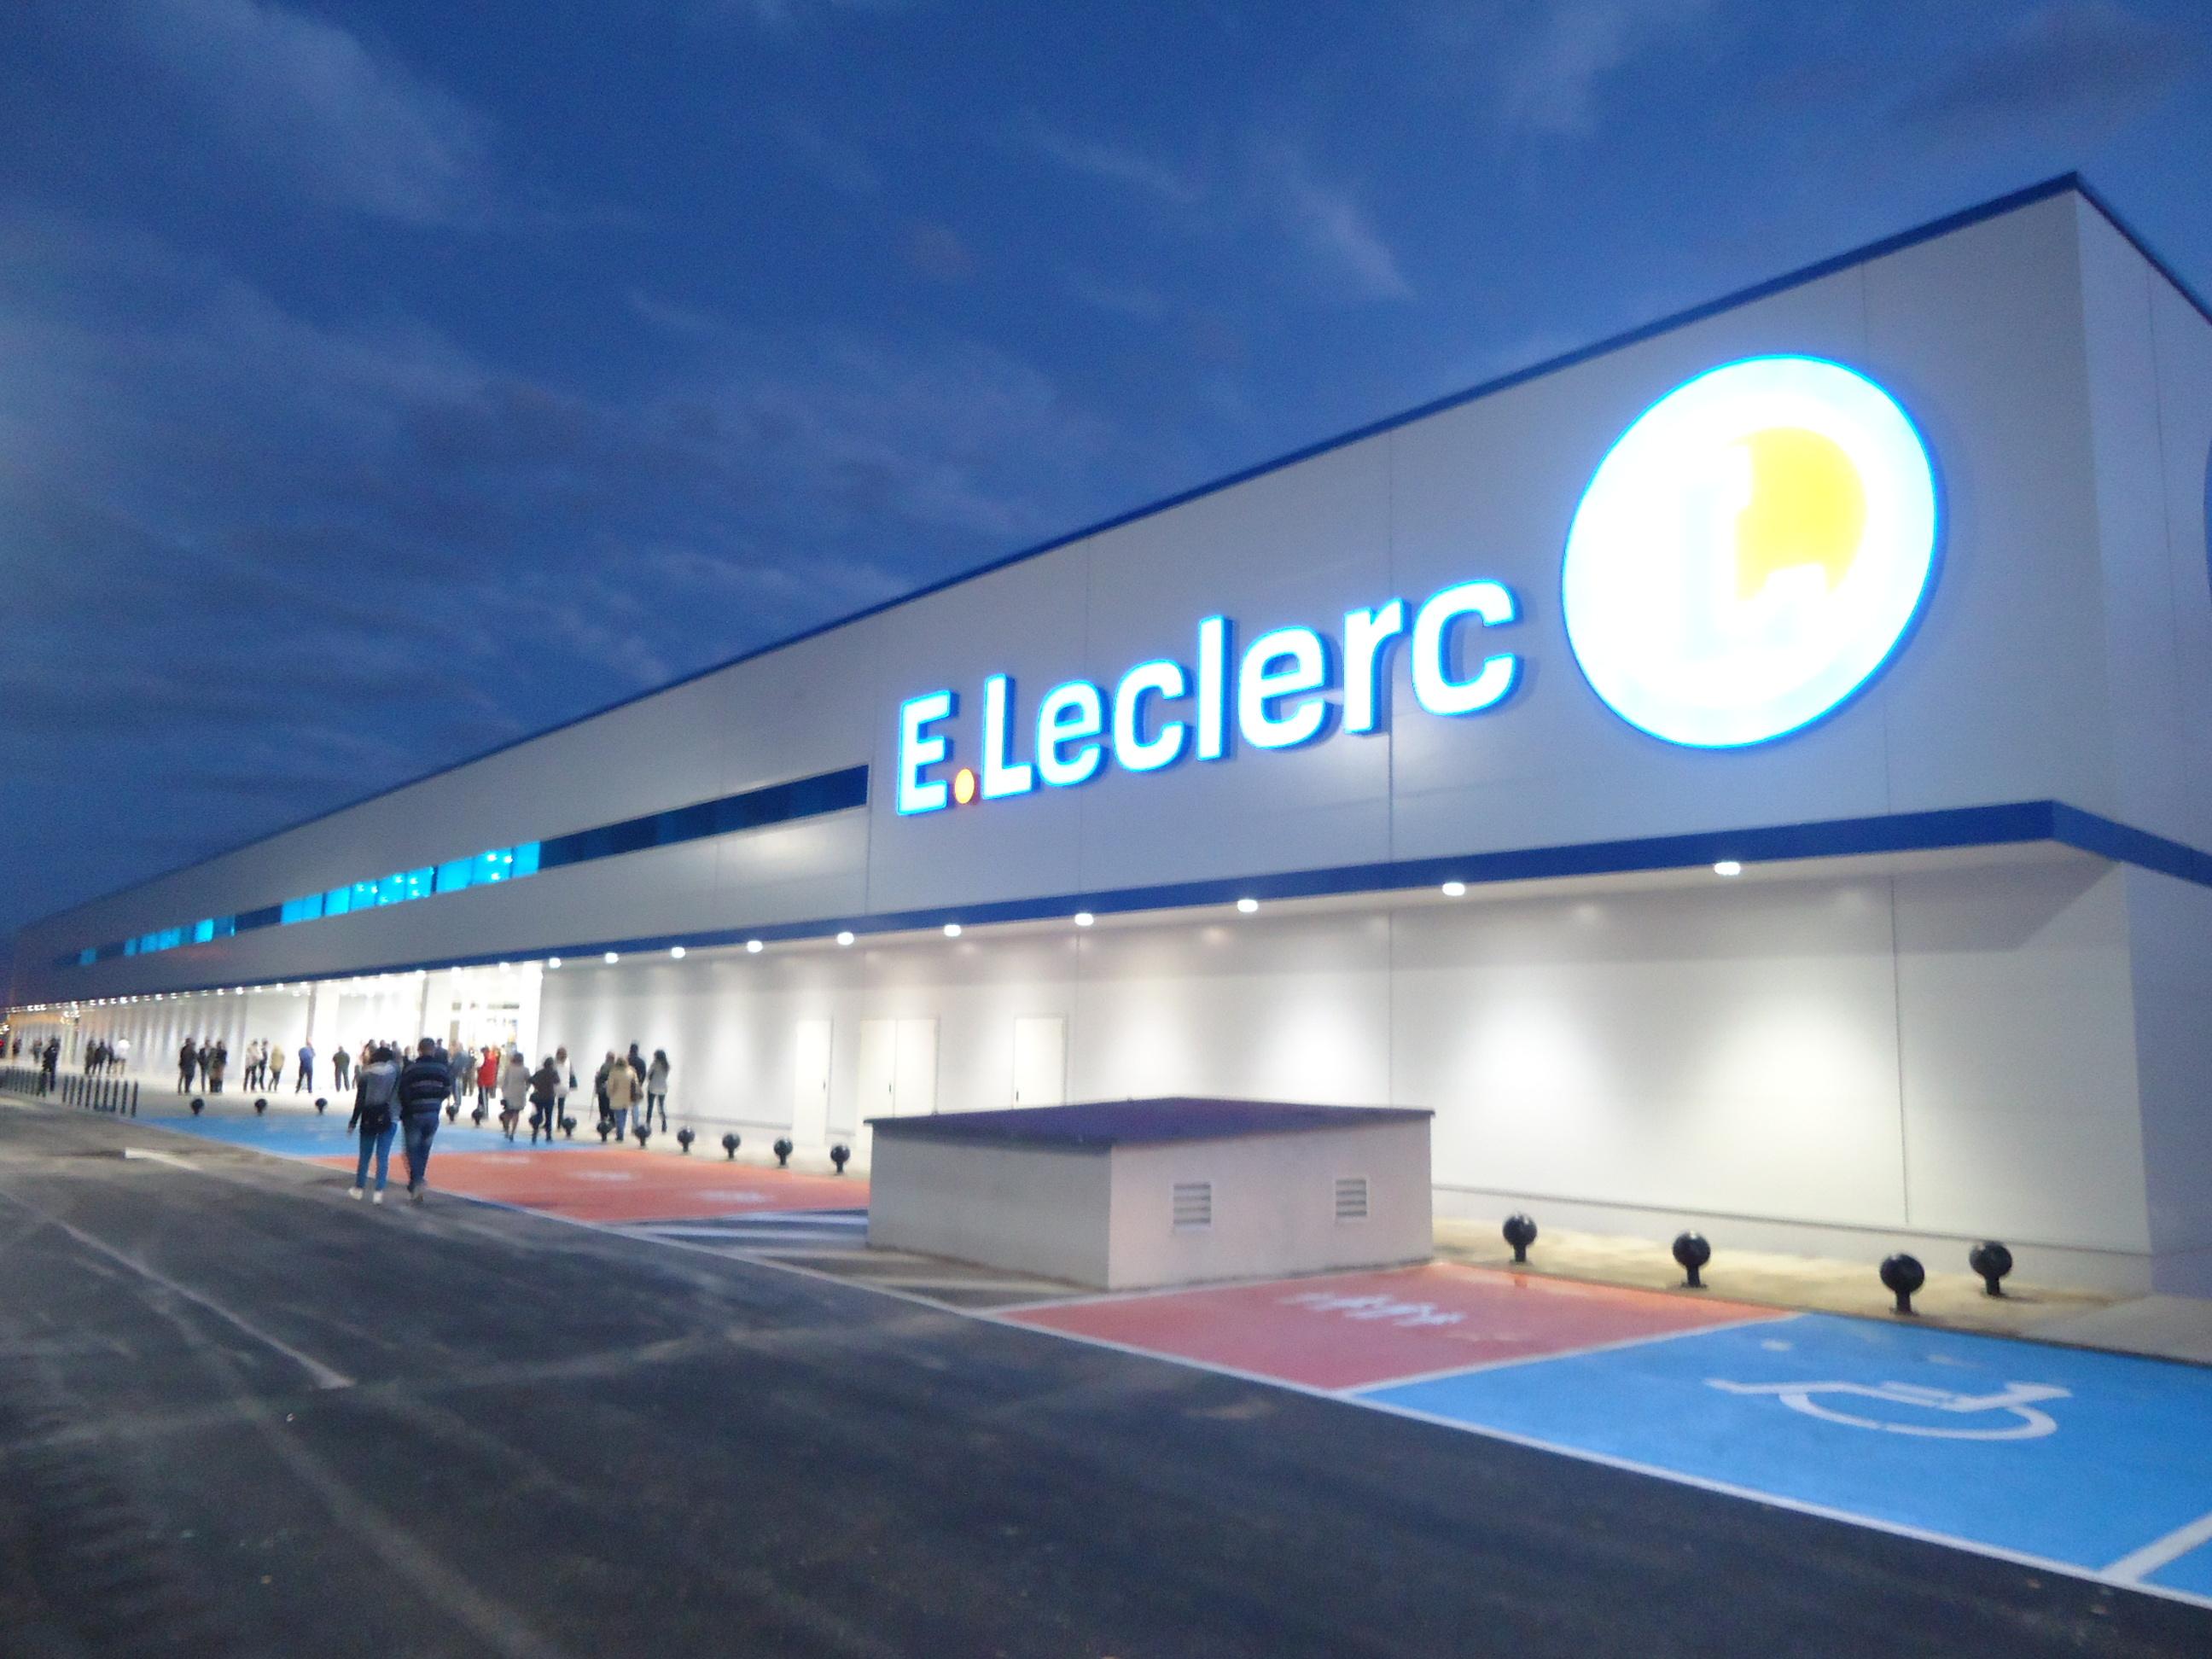 E Leclerc Puertollano Hipermercado La Tienda En Im Genes # Muebles Leclerc Ciudad Real